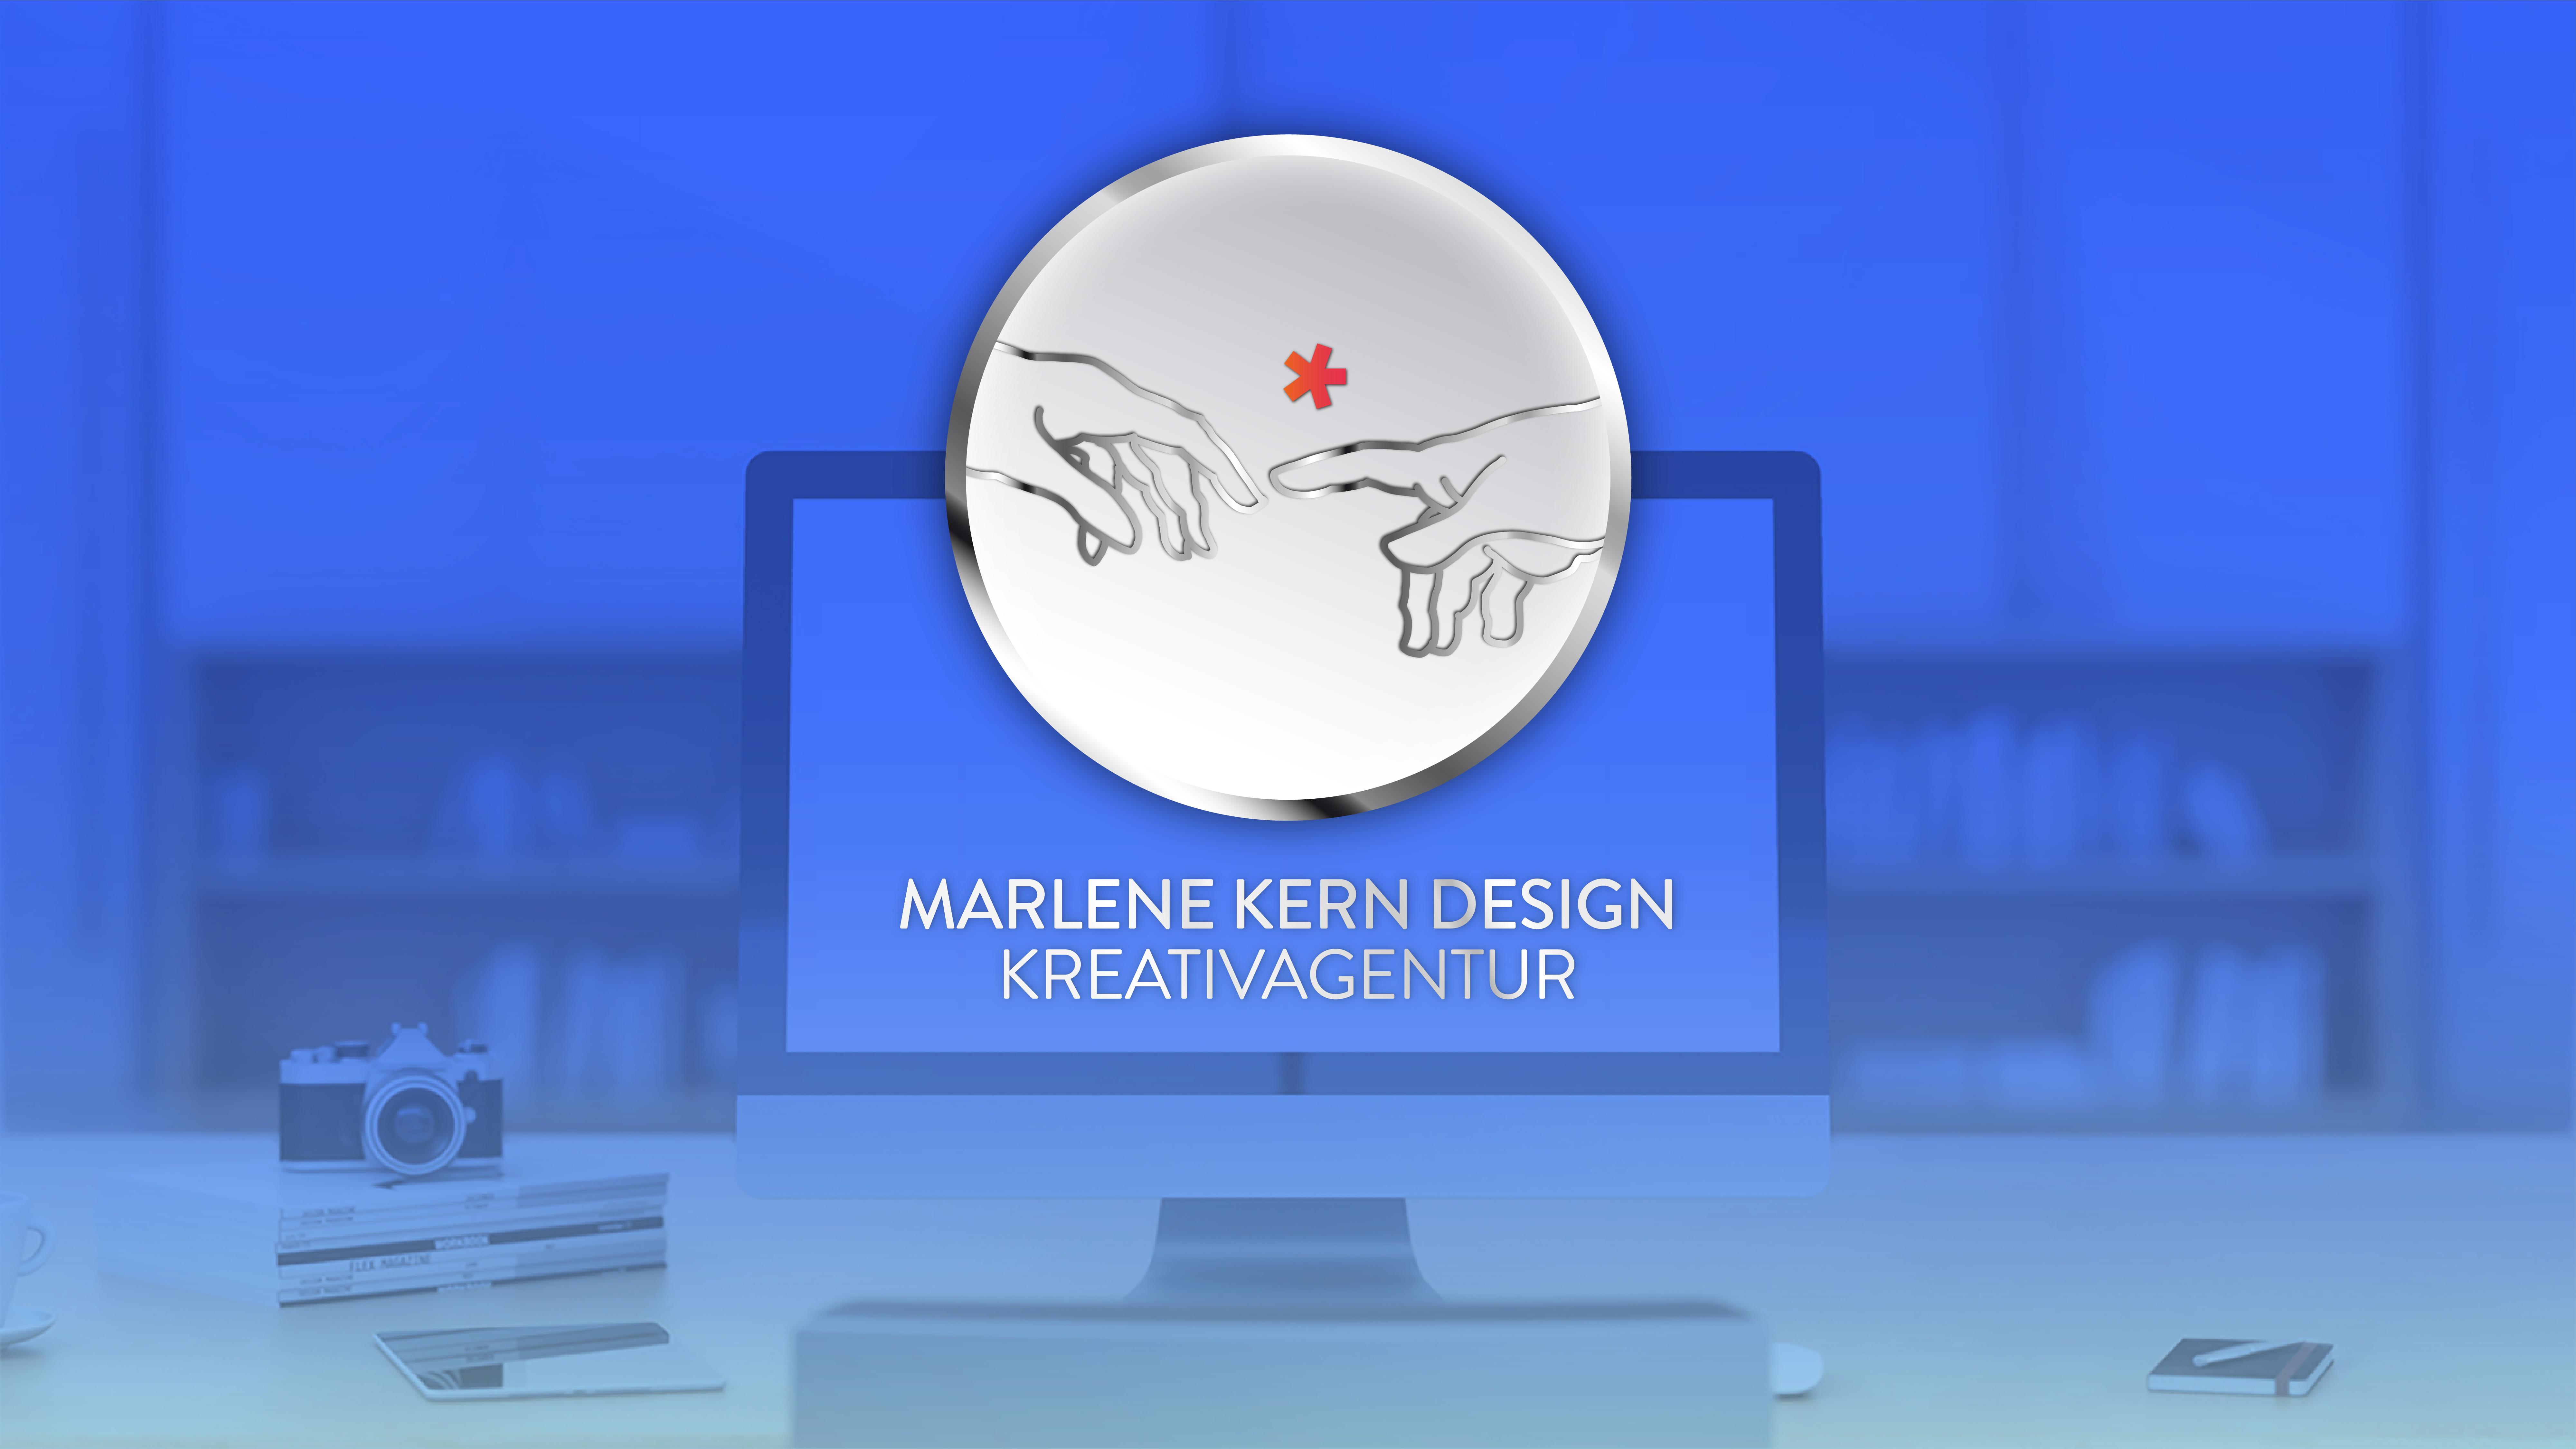 Marlene Kern Design, Kreativagentur München